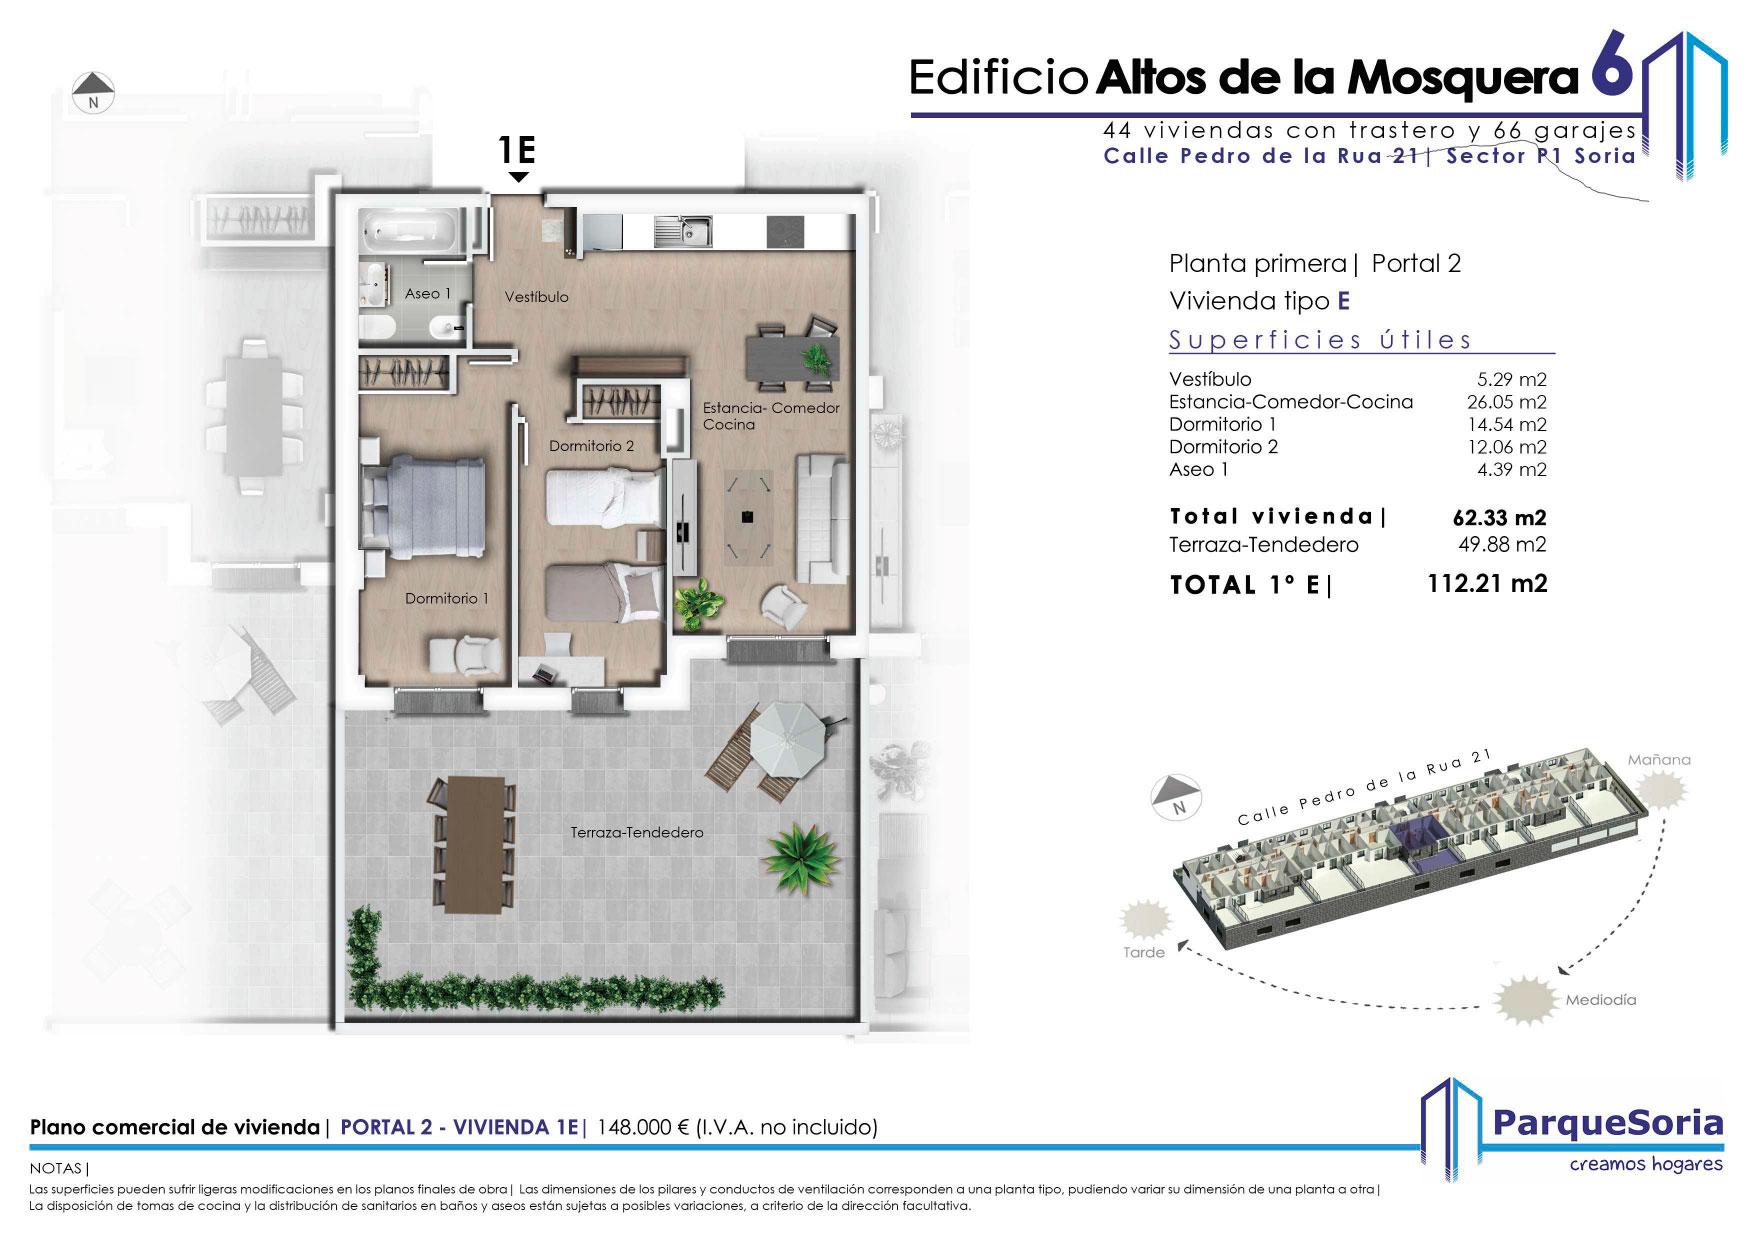 Parquesoria-Altos-de-la-mosquera-6-1E-1